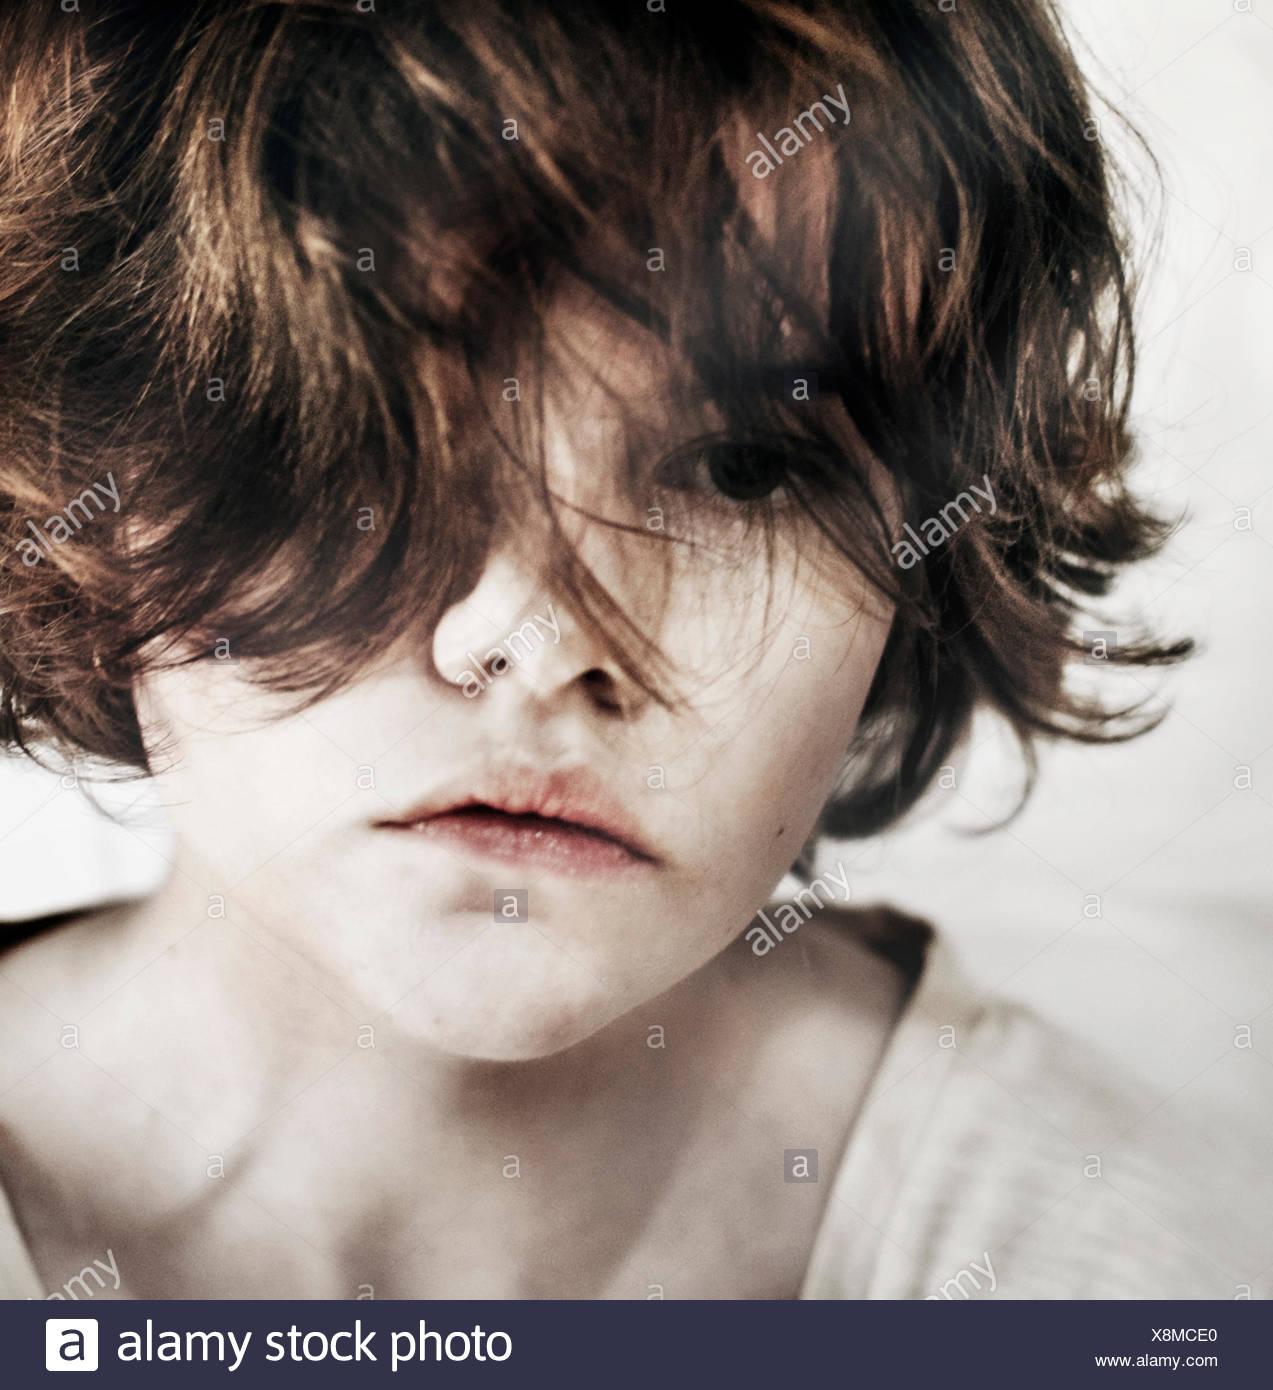 Noruega, cerca de chica de aspecto cansado y triste Imagen De Stock